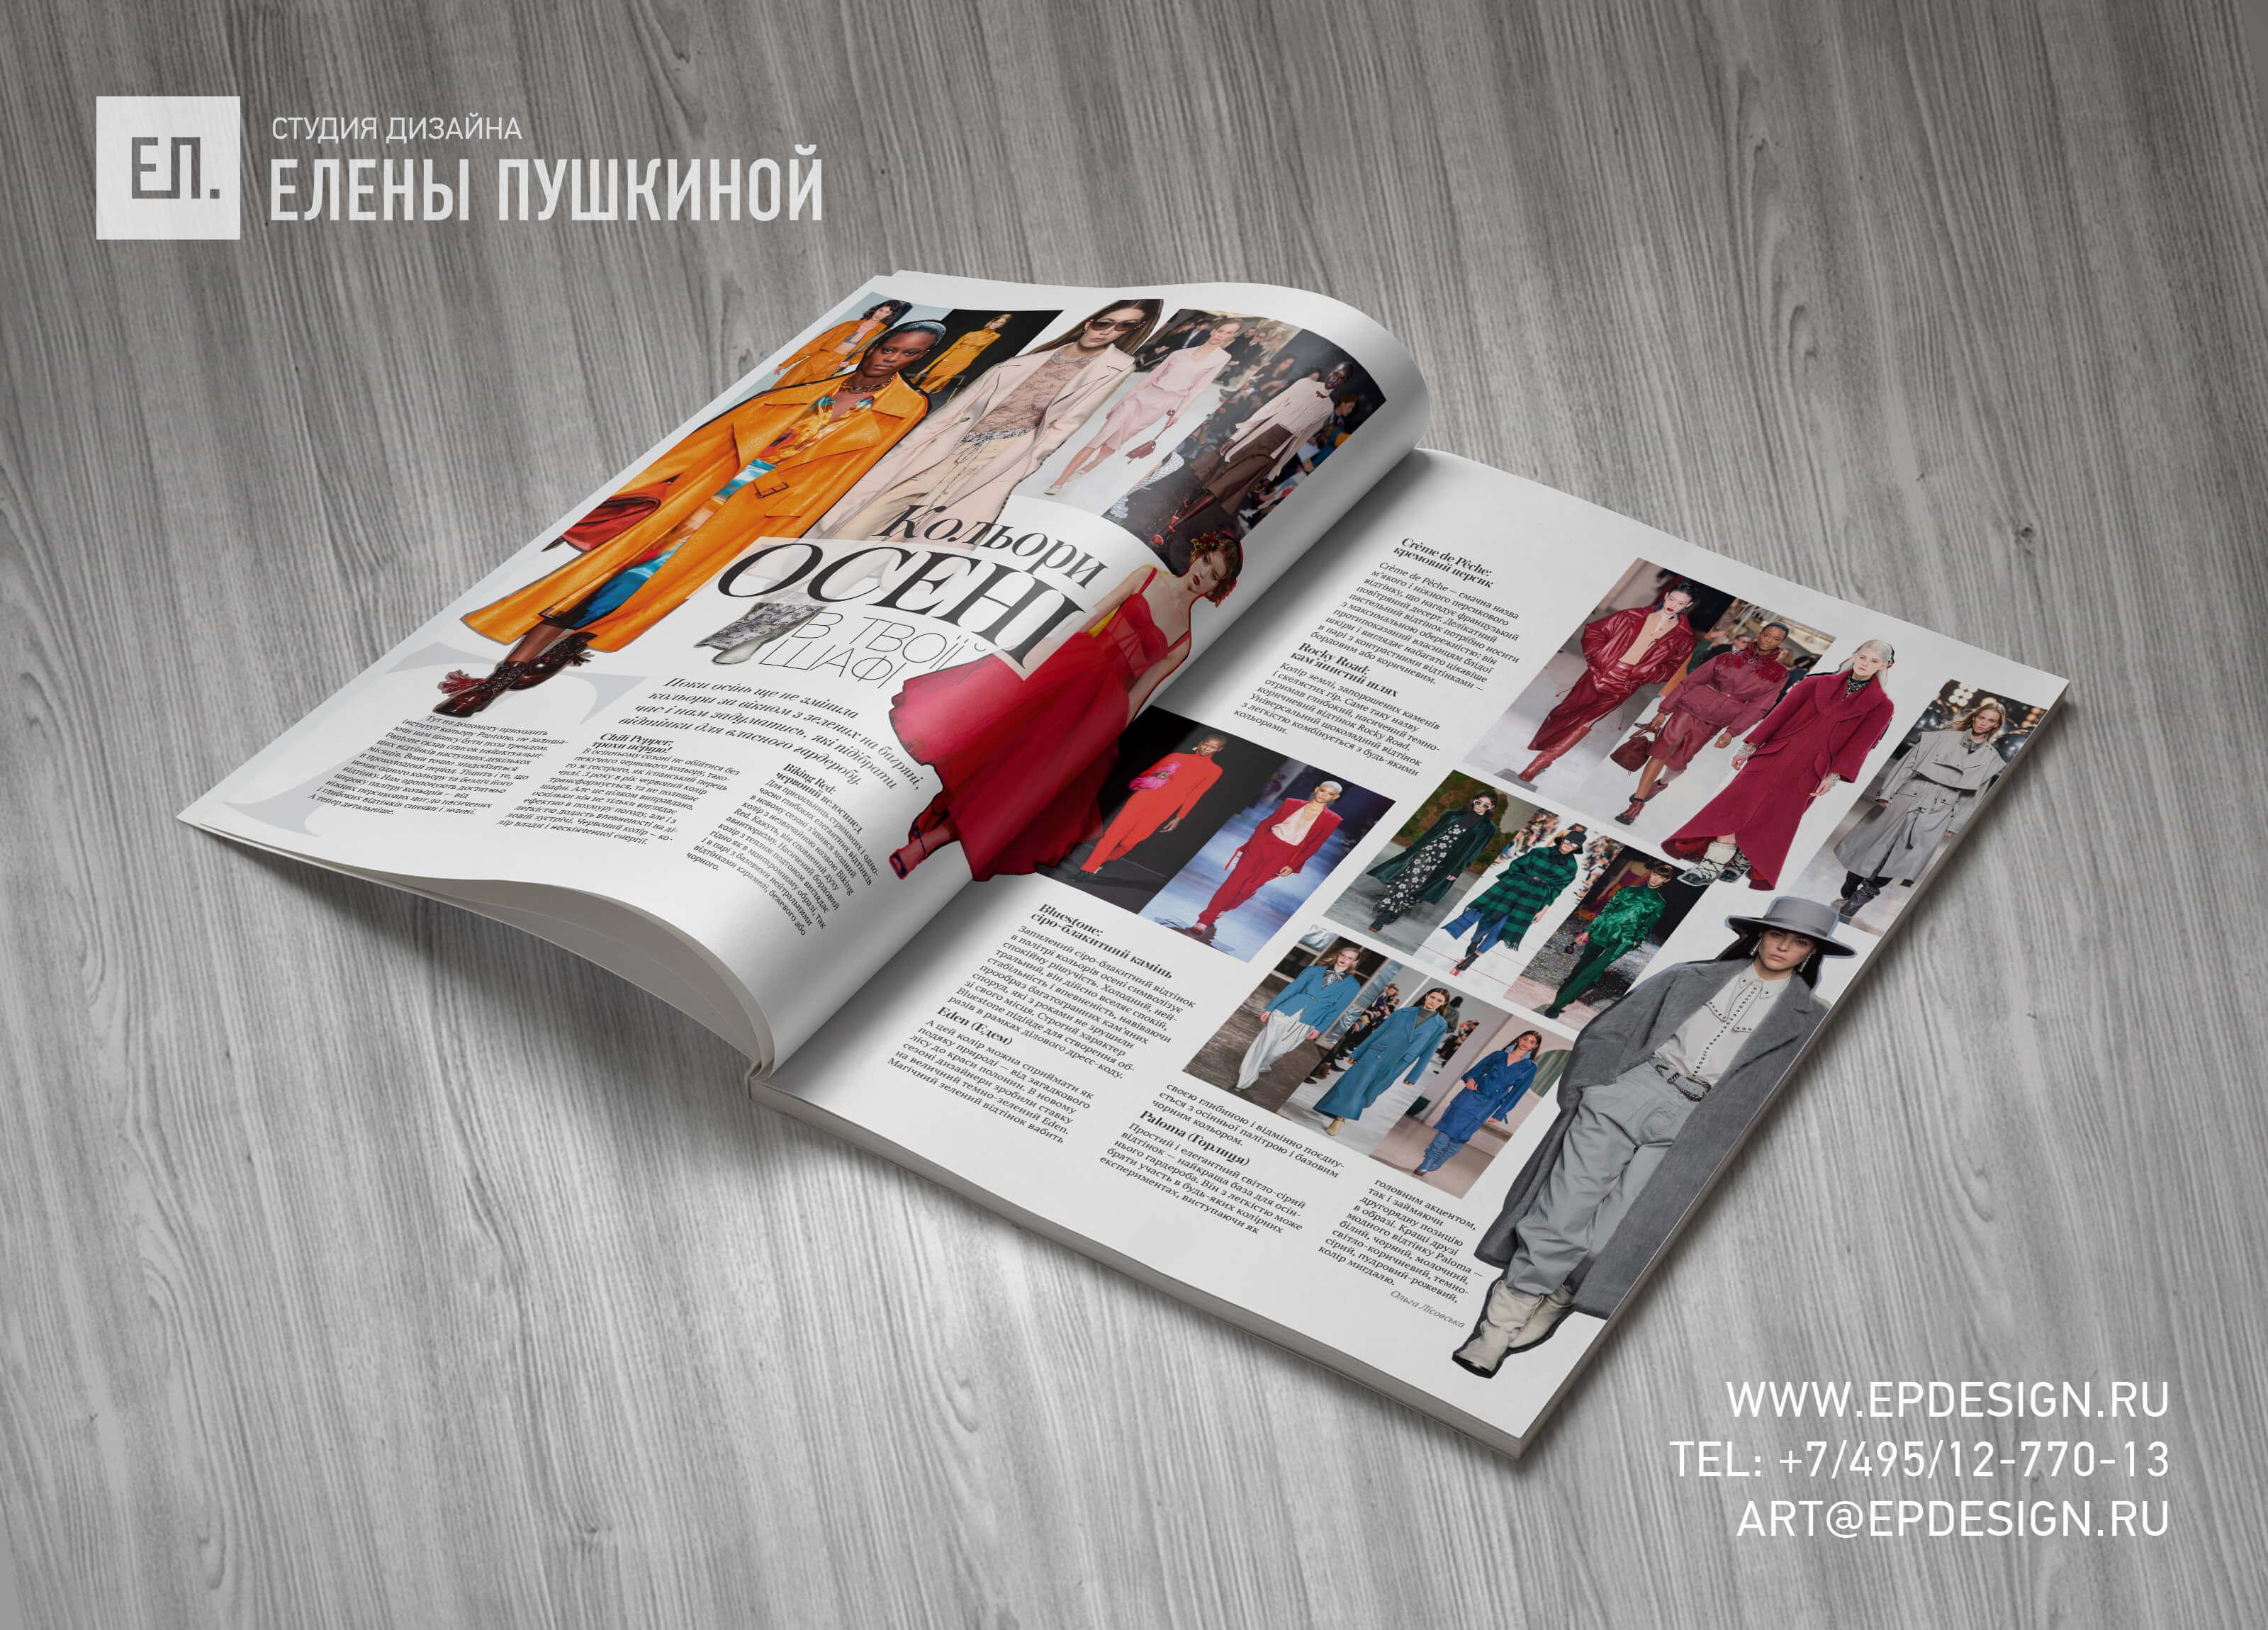 Глянцевый журнал «CoolBaba» №47 сентябрь 2019 — разработка дизайна и вёрстка журнала Разработка журналов Портфолио